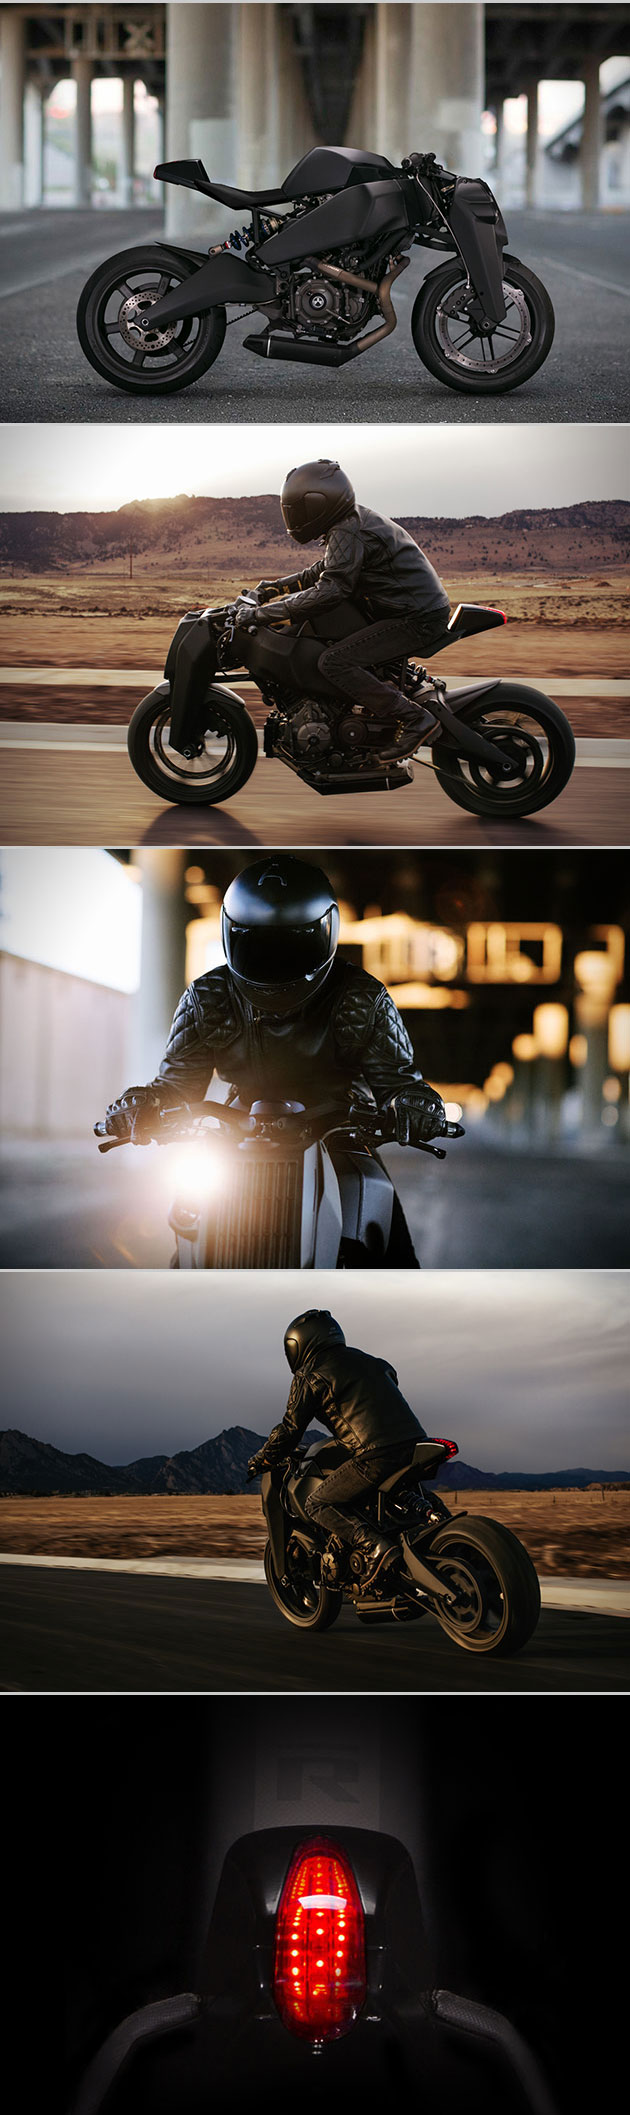 Ronin 47 Motorcycle